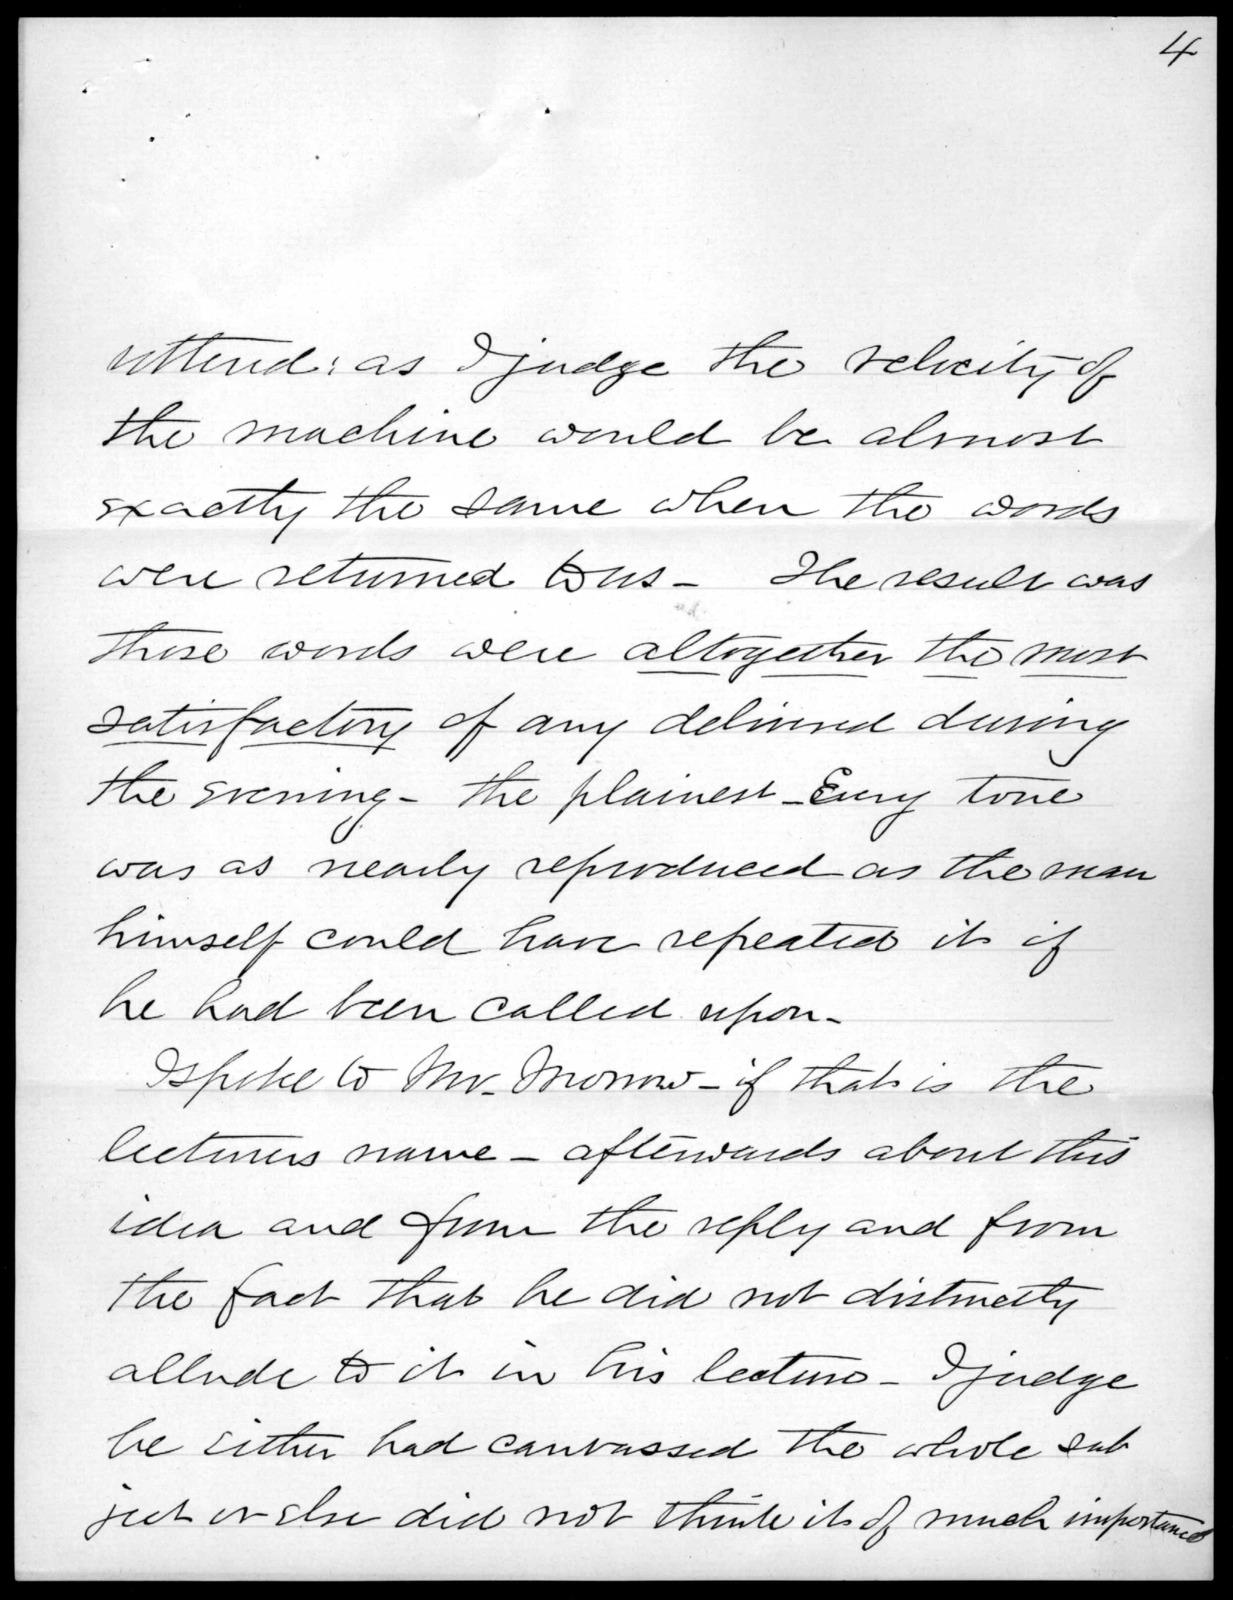 Letter from J. H. Bradford to Alexander Graham Bell, February 1, 1899